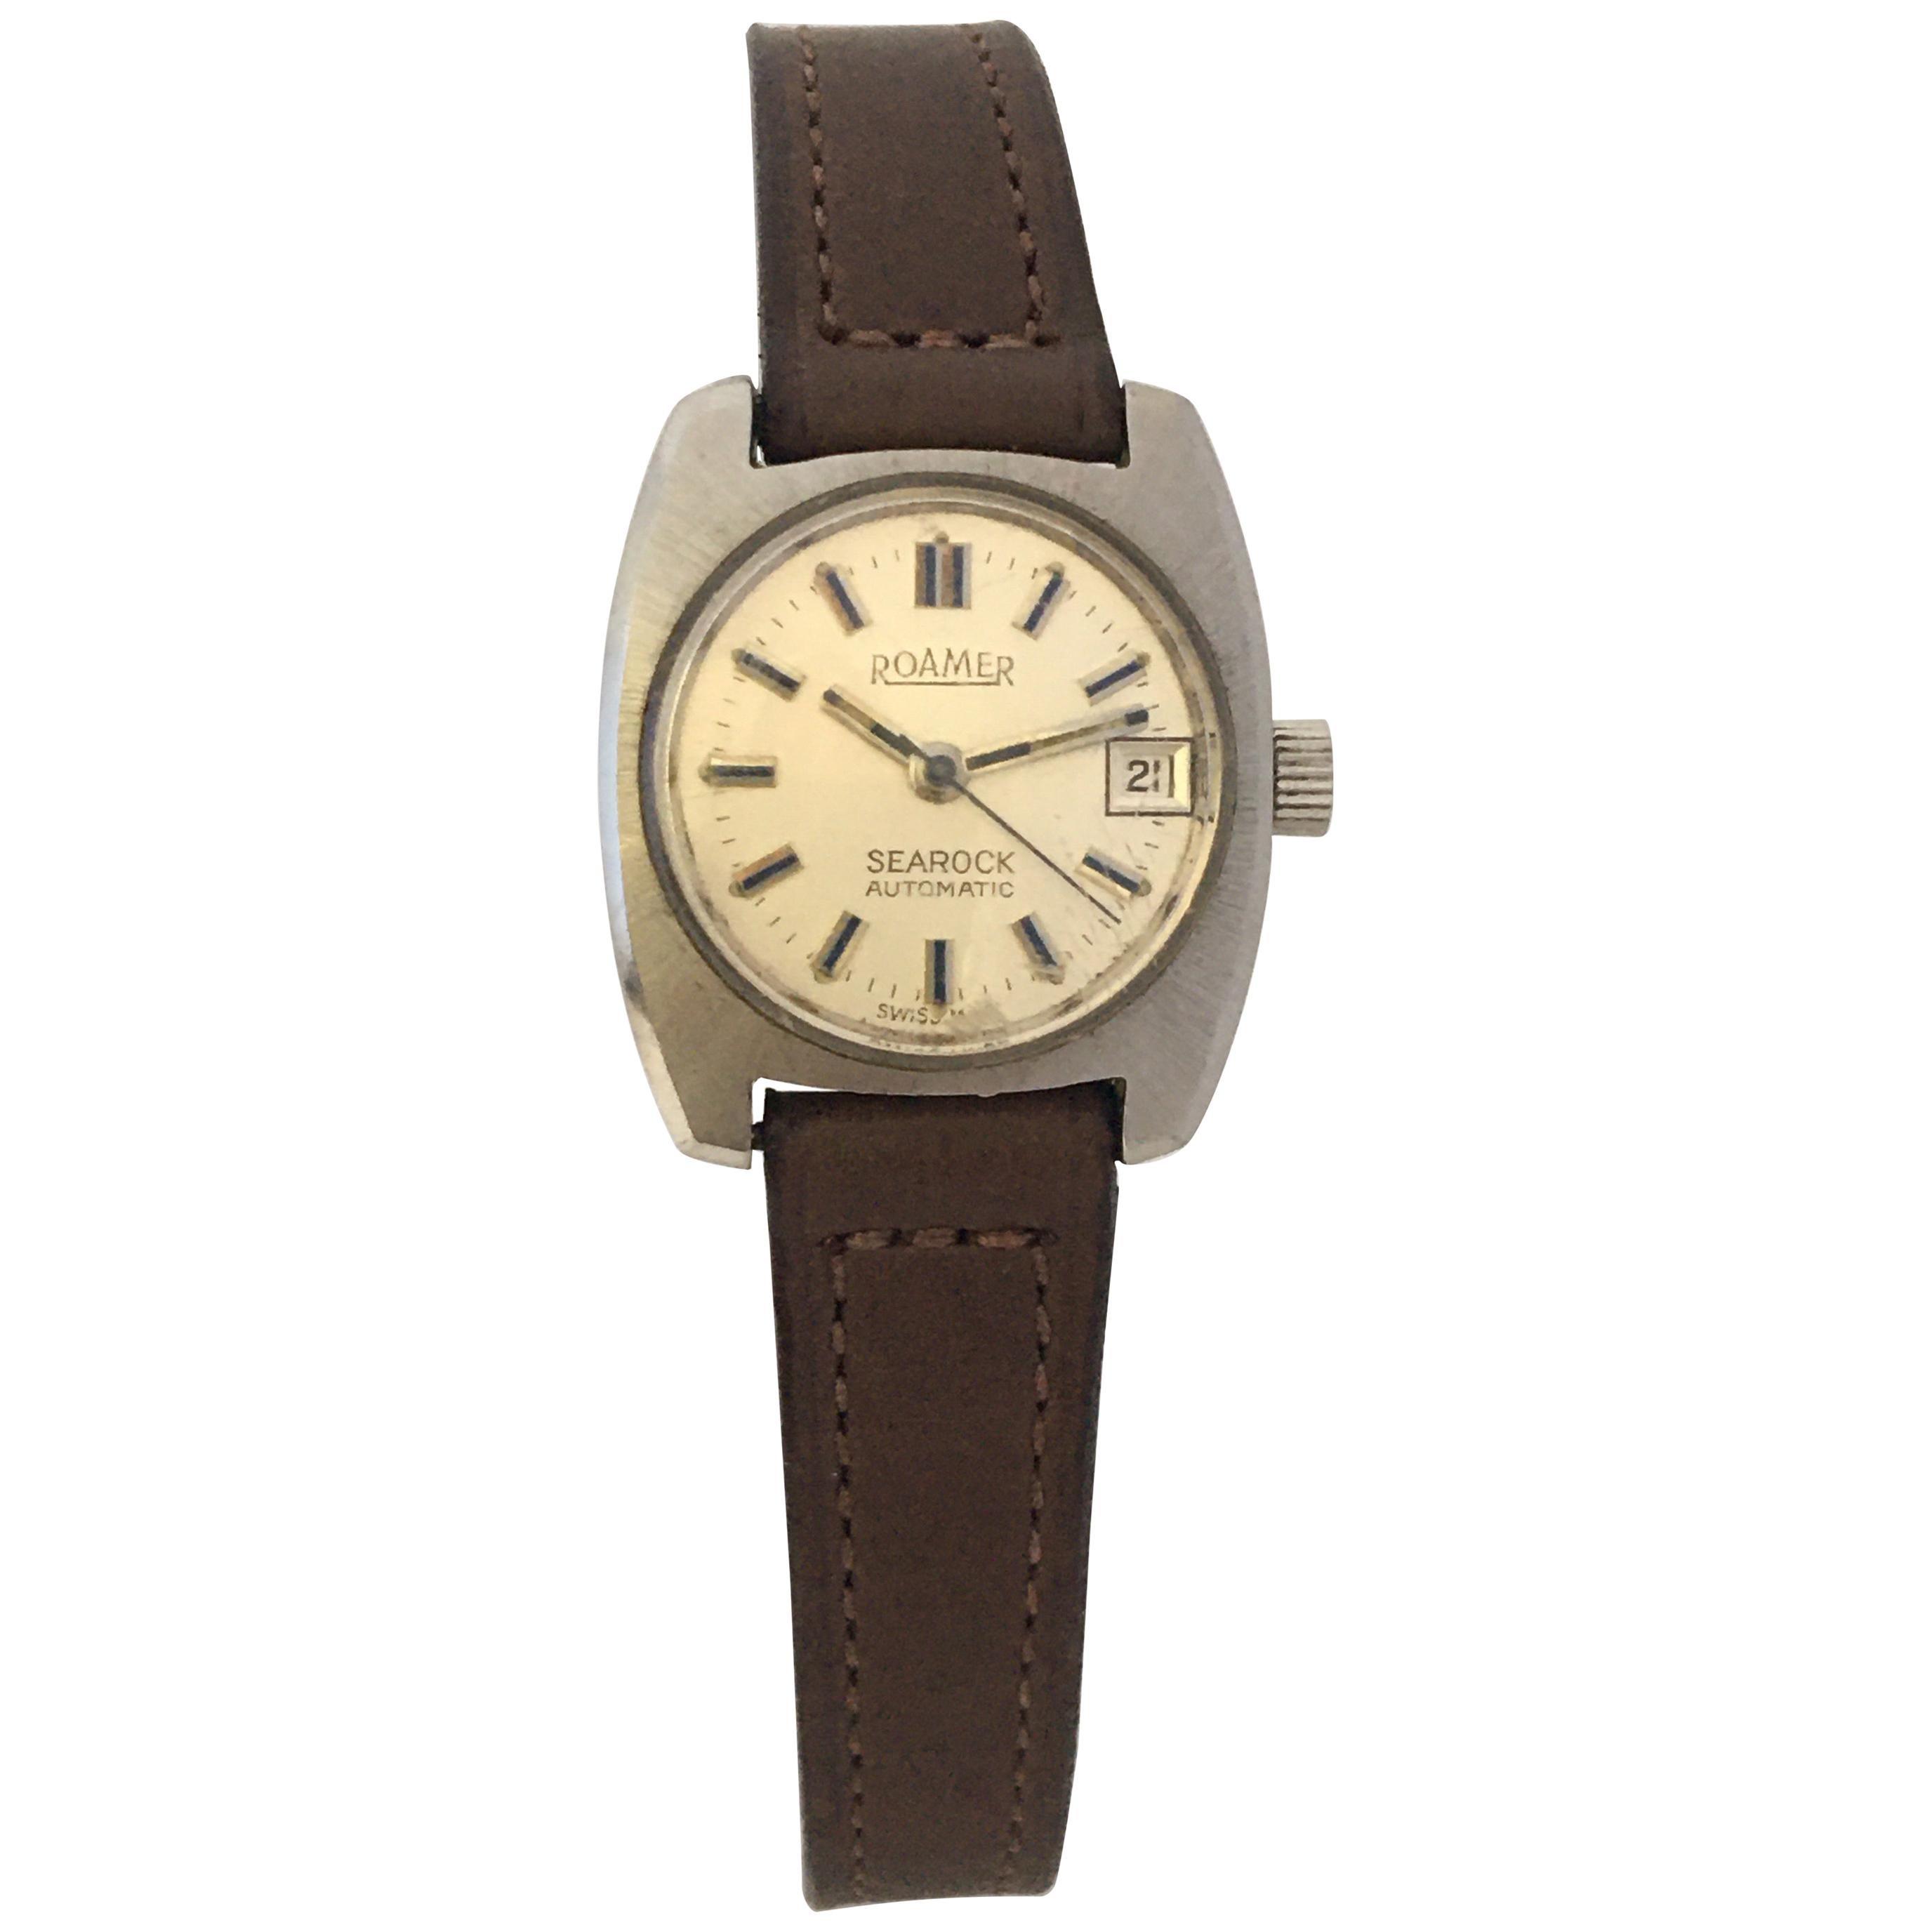 Vintage 1970s Stainless Steel Roamer Searock Automatic Ladies Watch